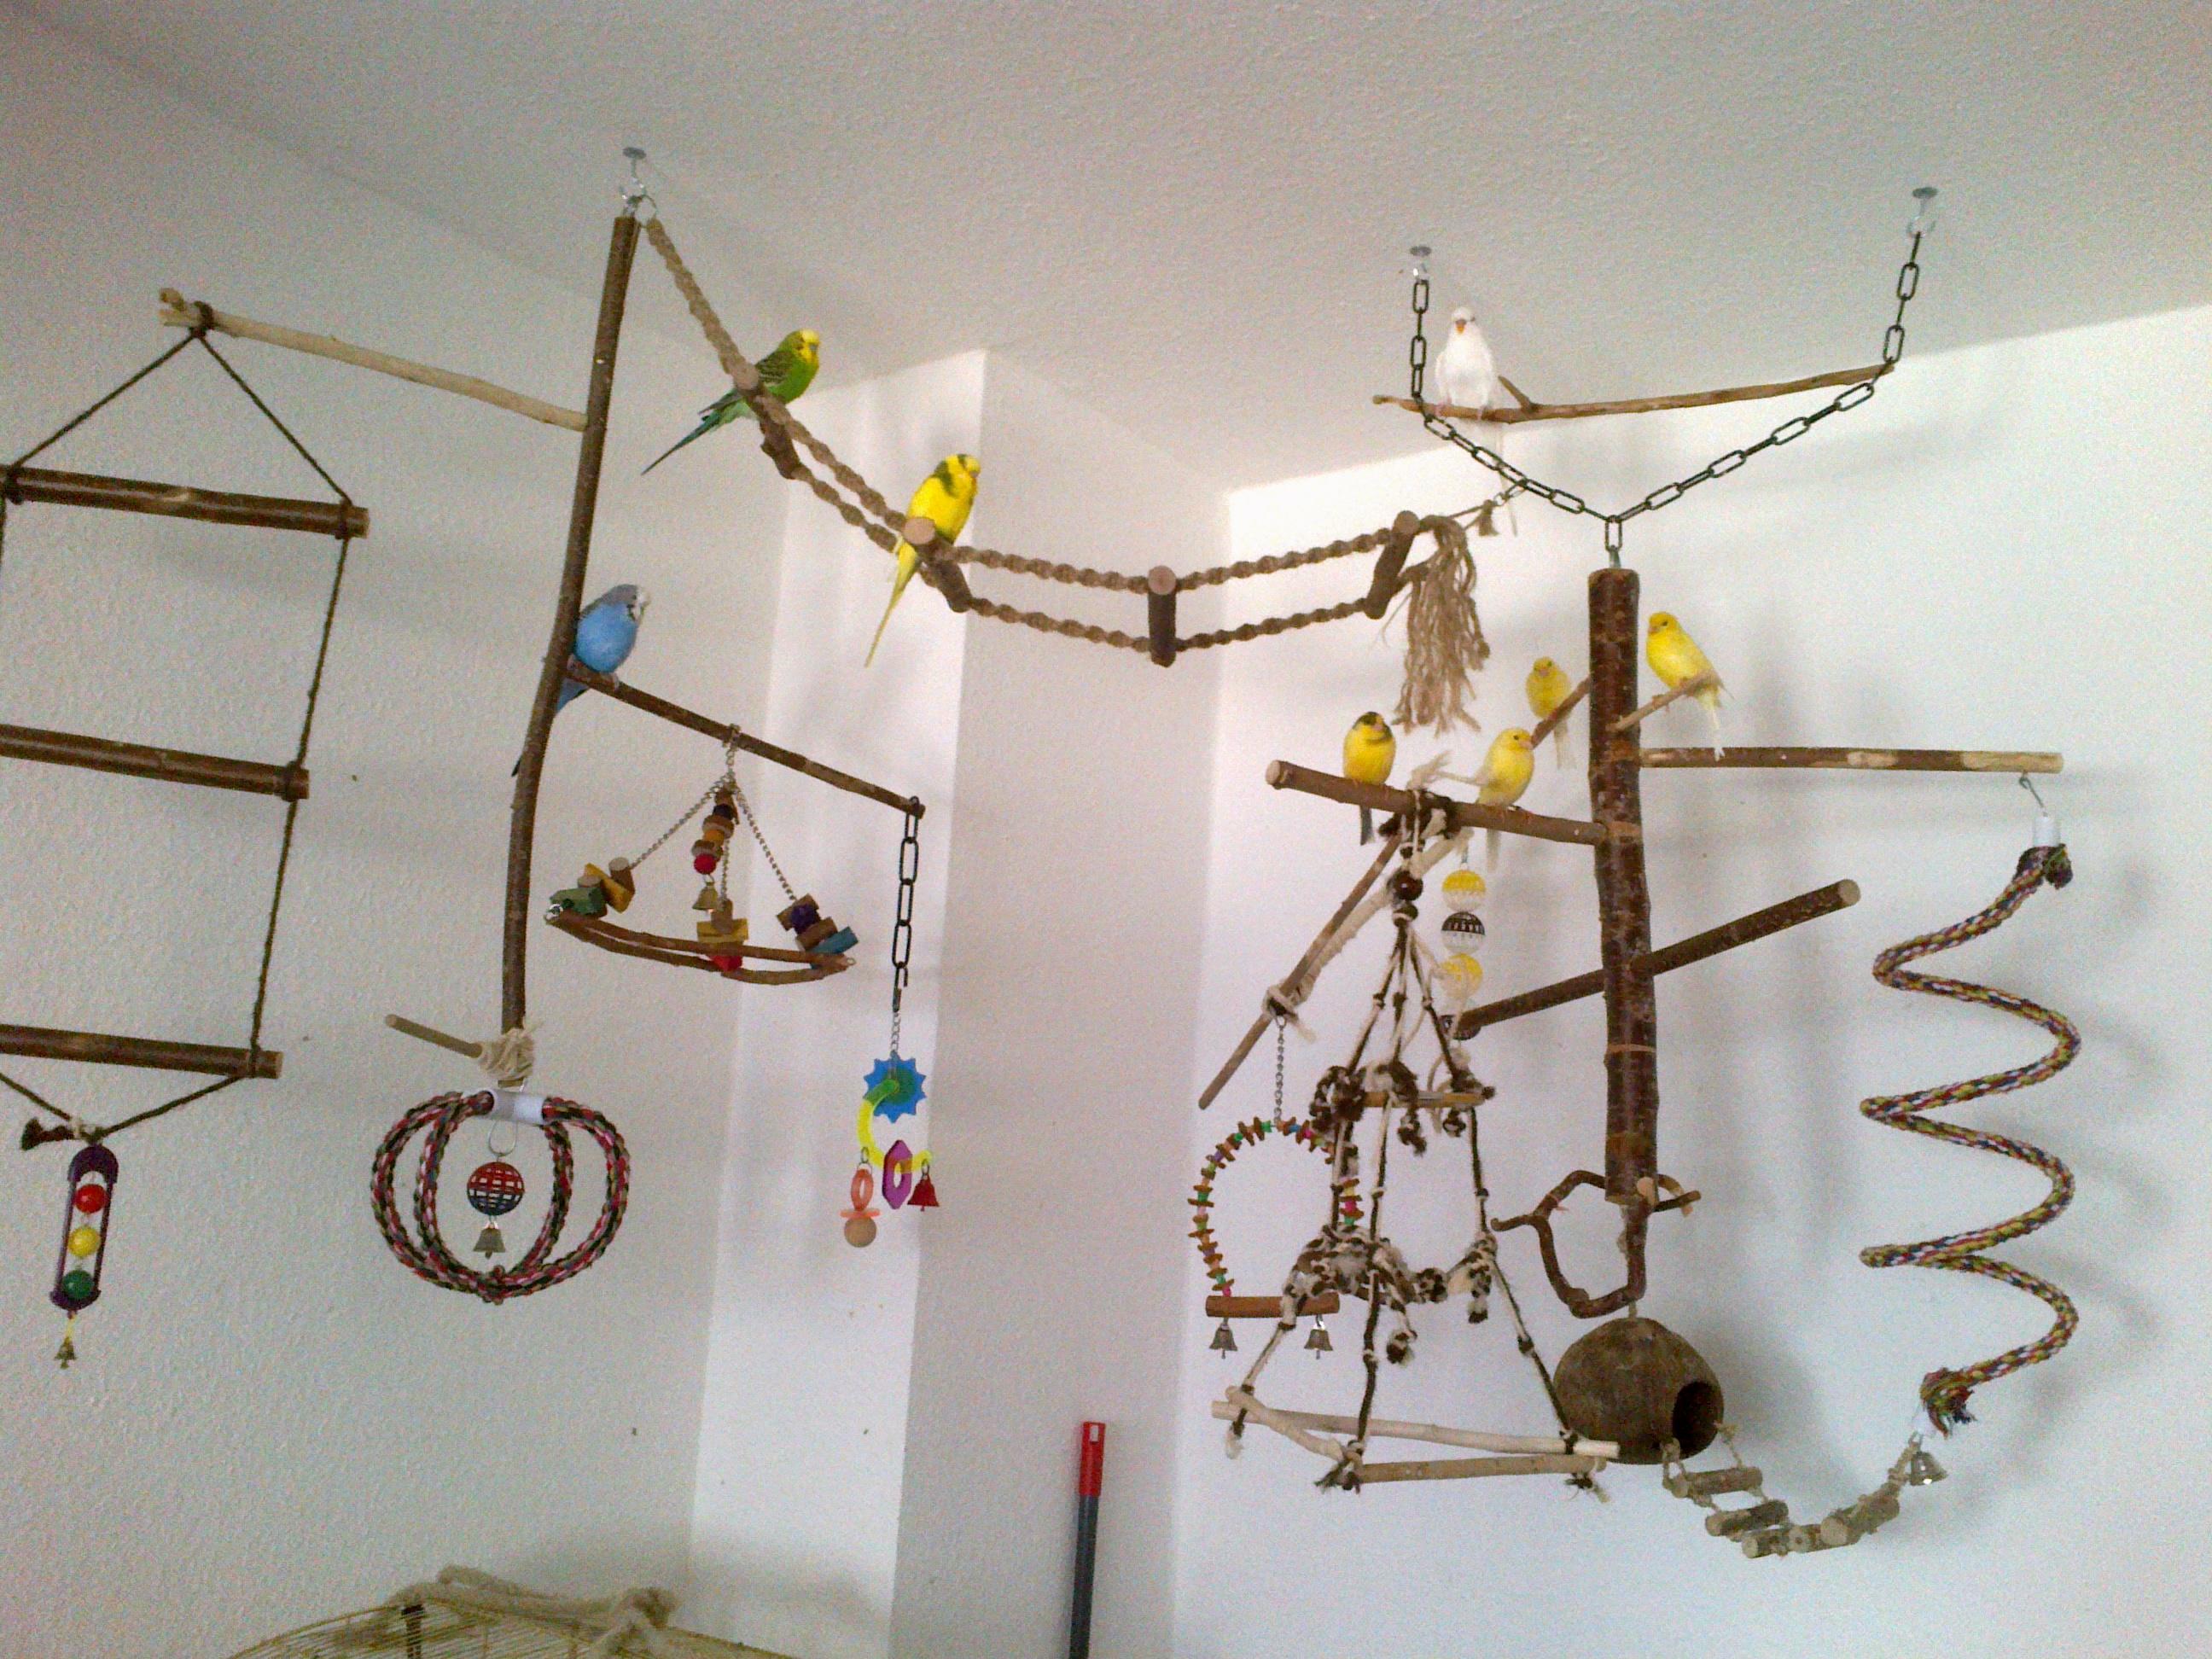 kunst oder besser echte pflanzen f r wellensittiche und. Black Bedroom Furniture Sets. Home Design Ideas